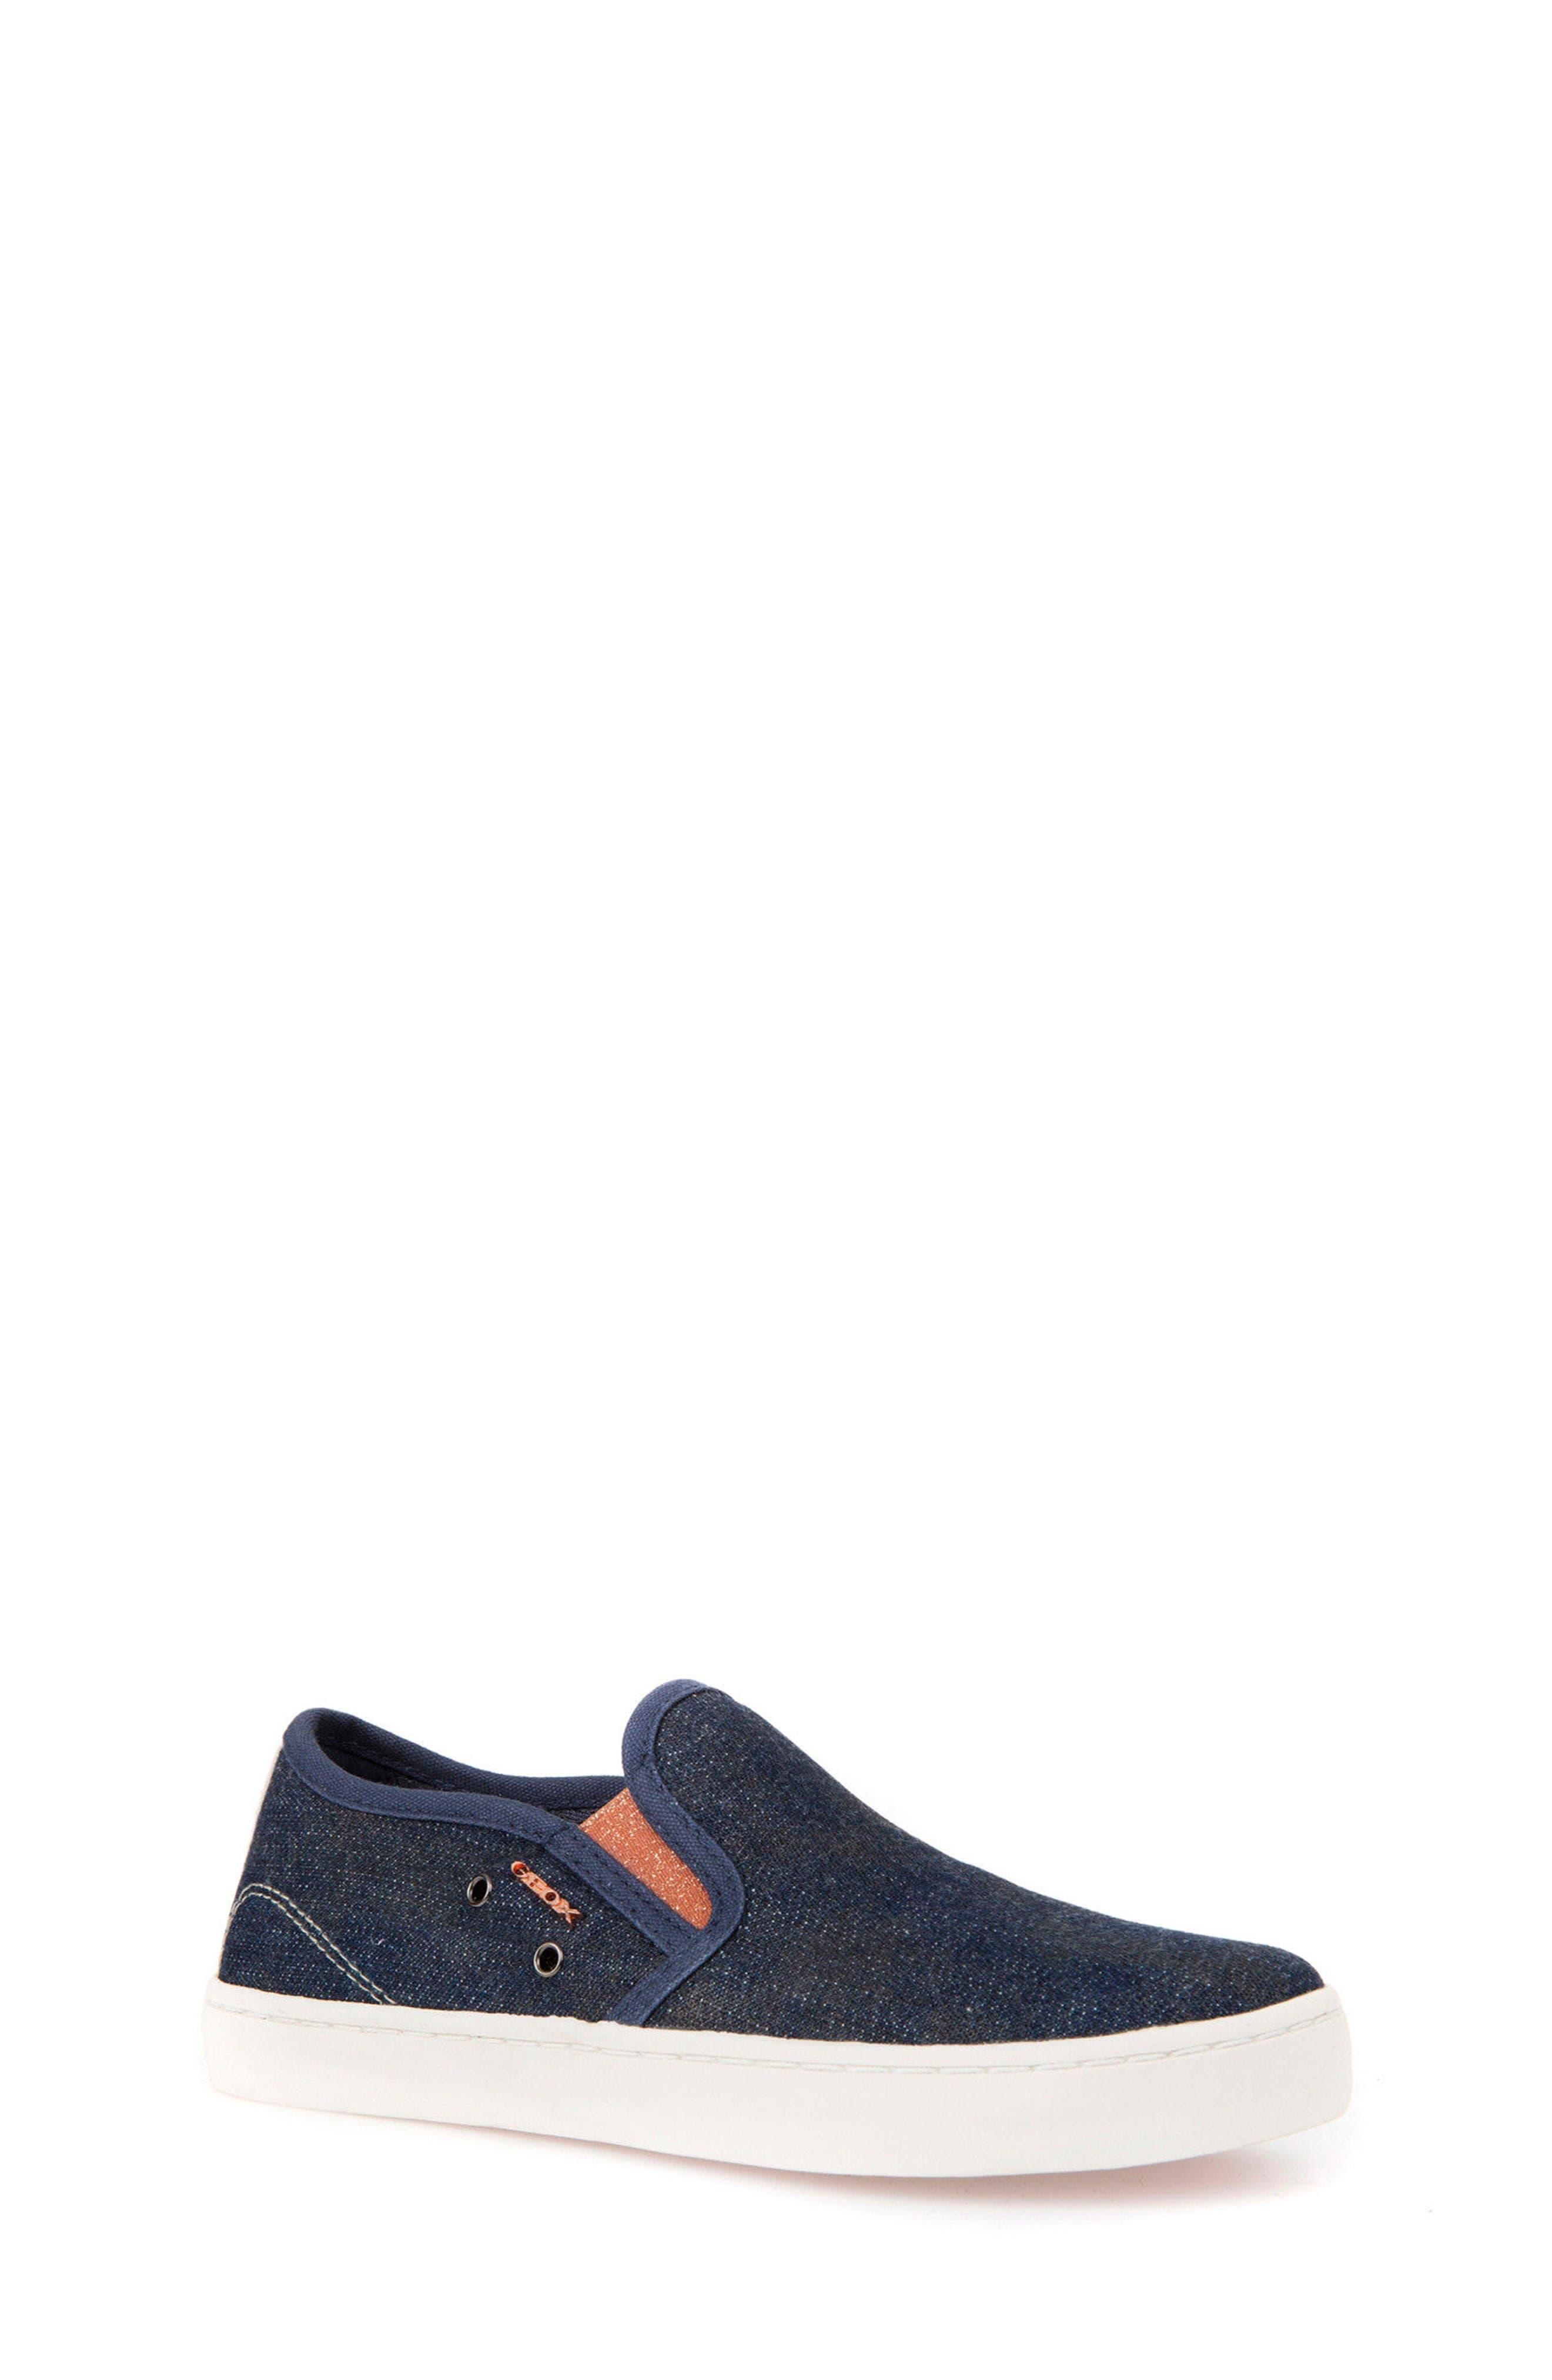 Jr Kiwi Slip-On Sneaker,                             Main thumbnail 1, color,                             Jeans